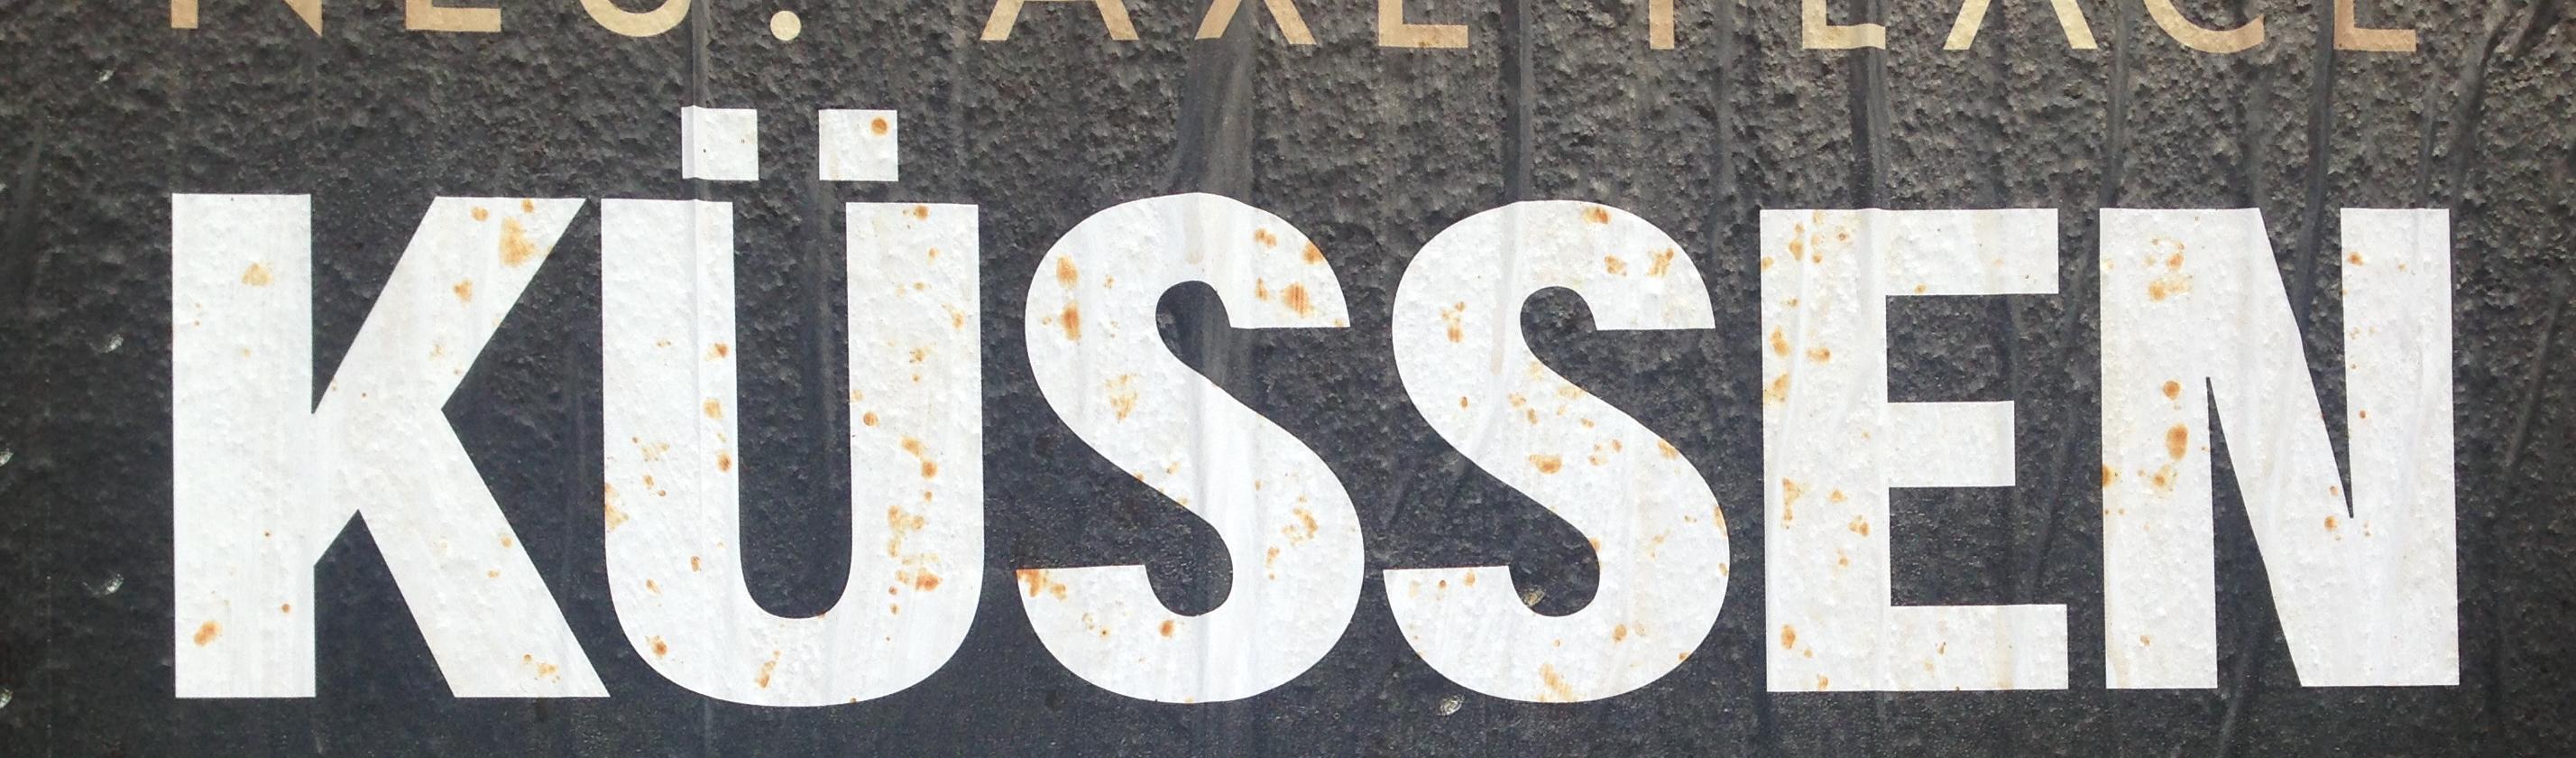 Küssen Plakat mit Rostflecken